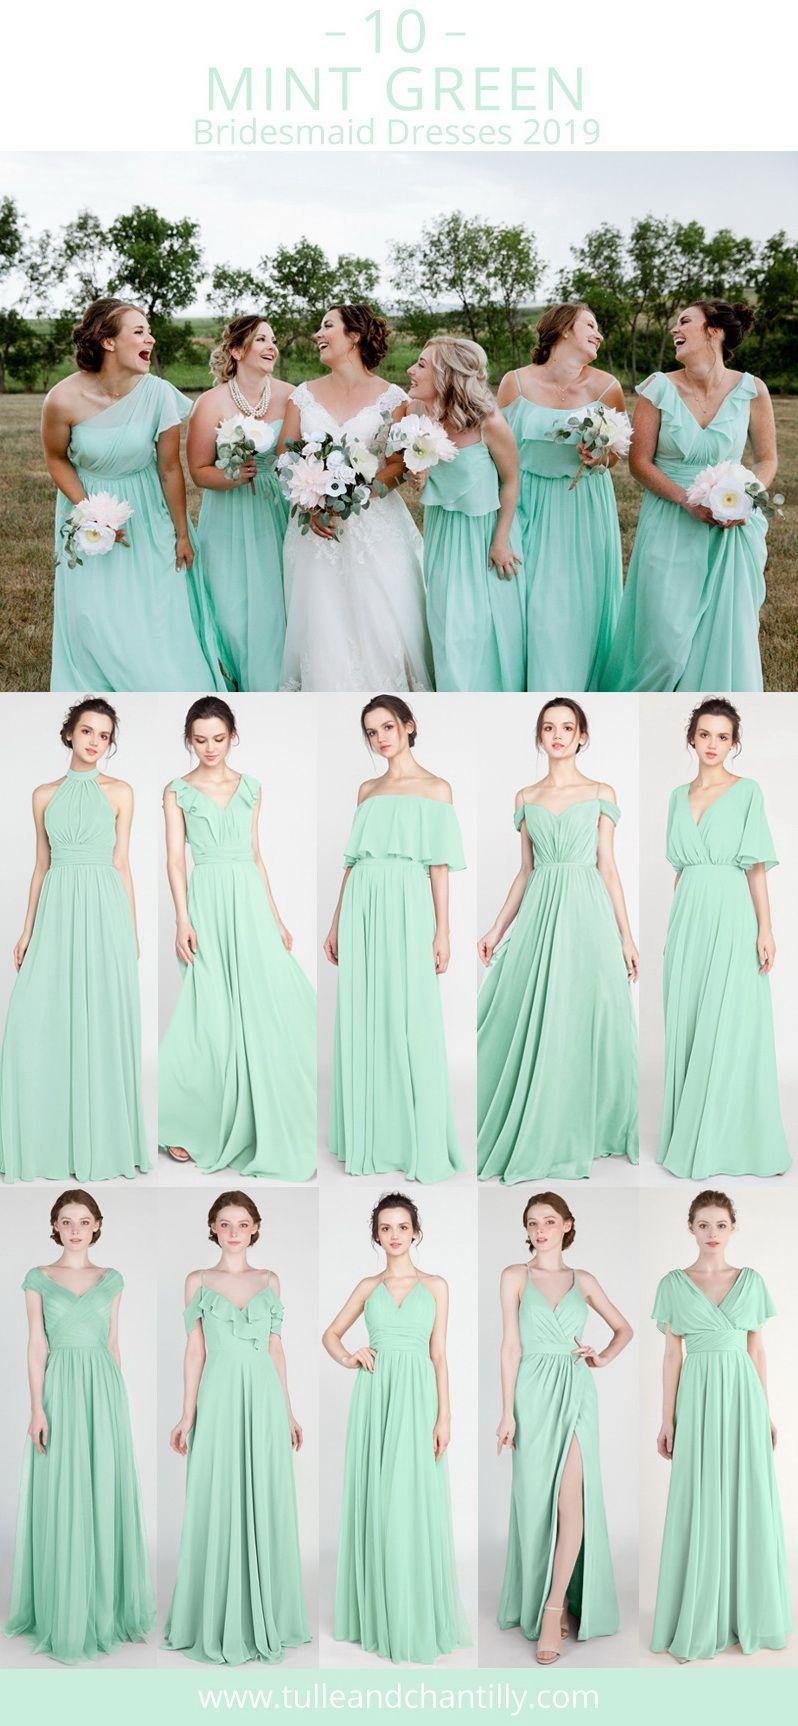 Top 10 Mint Green Bridesmaid Dresses For Wedding Season 2019 Wedding Weddingi Mint Bridesmaid Dresses Mint Green Bridesmaid Dresses Summer Bridesmaid Dresses [ 1726 x 798 Pixel ]